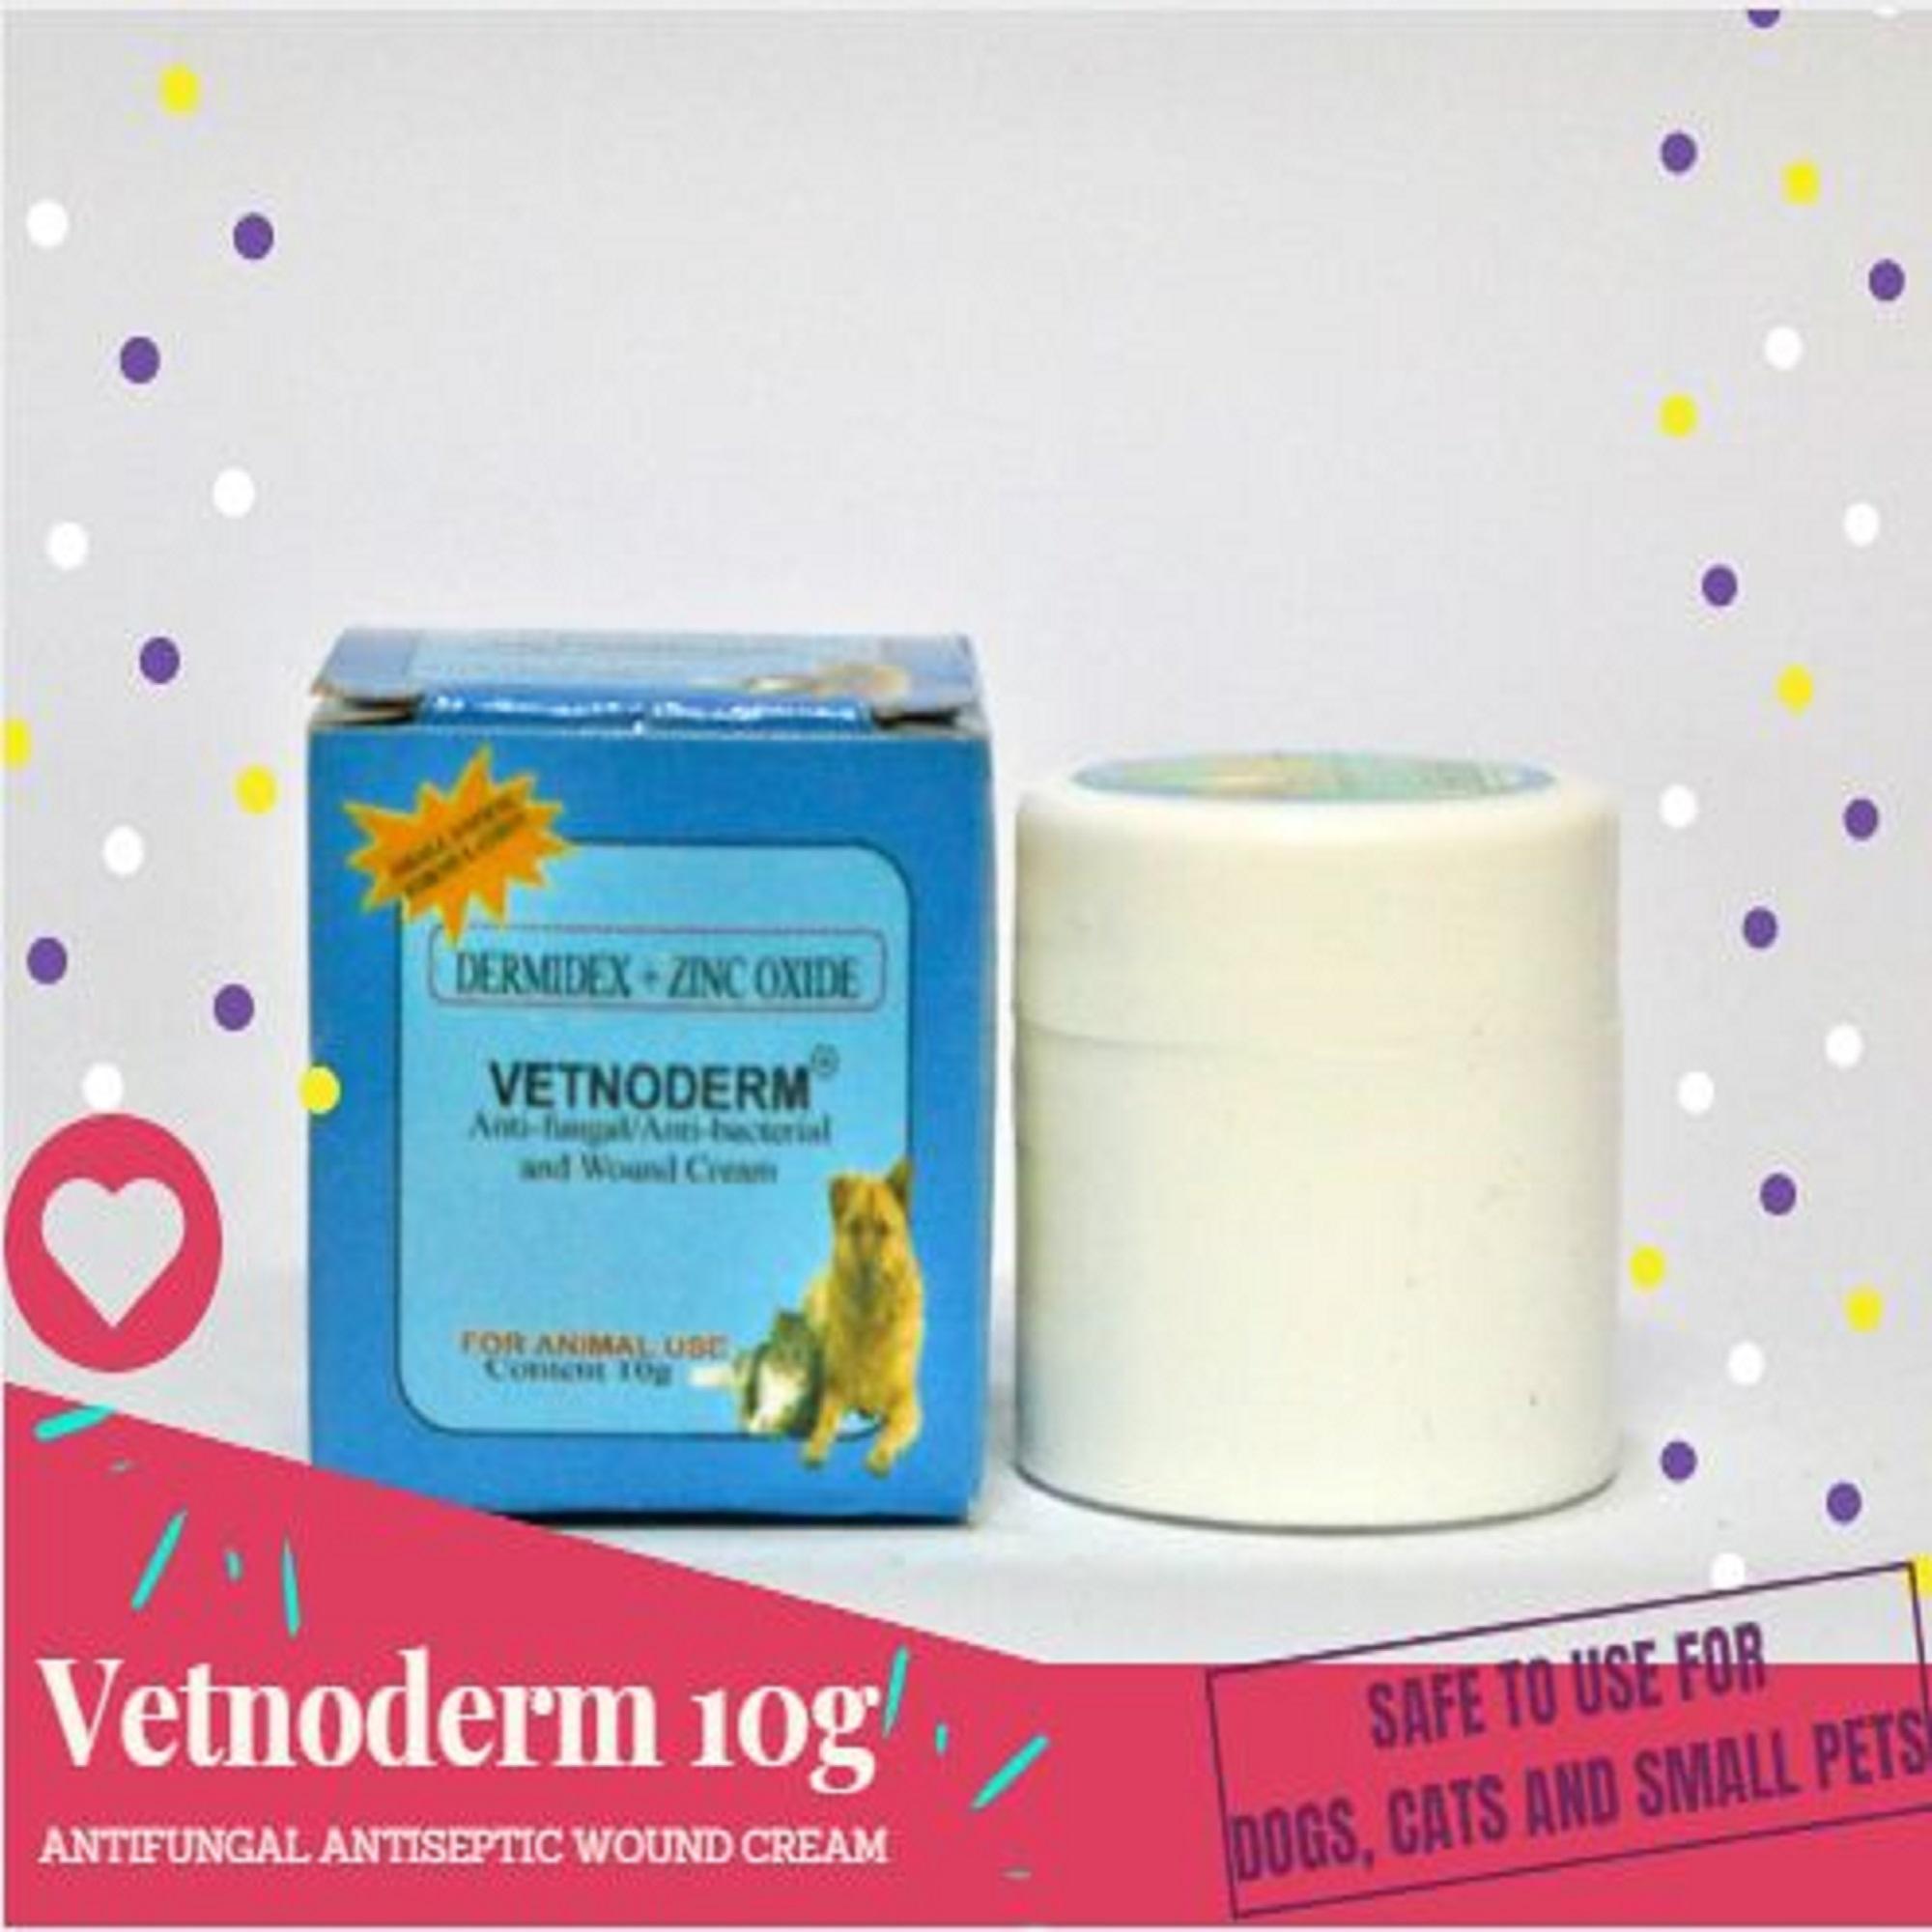 Vetnoderm Philippines Vetnoderm Price List Cream Herbal Soap